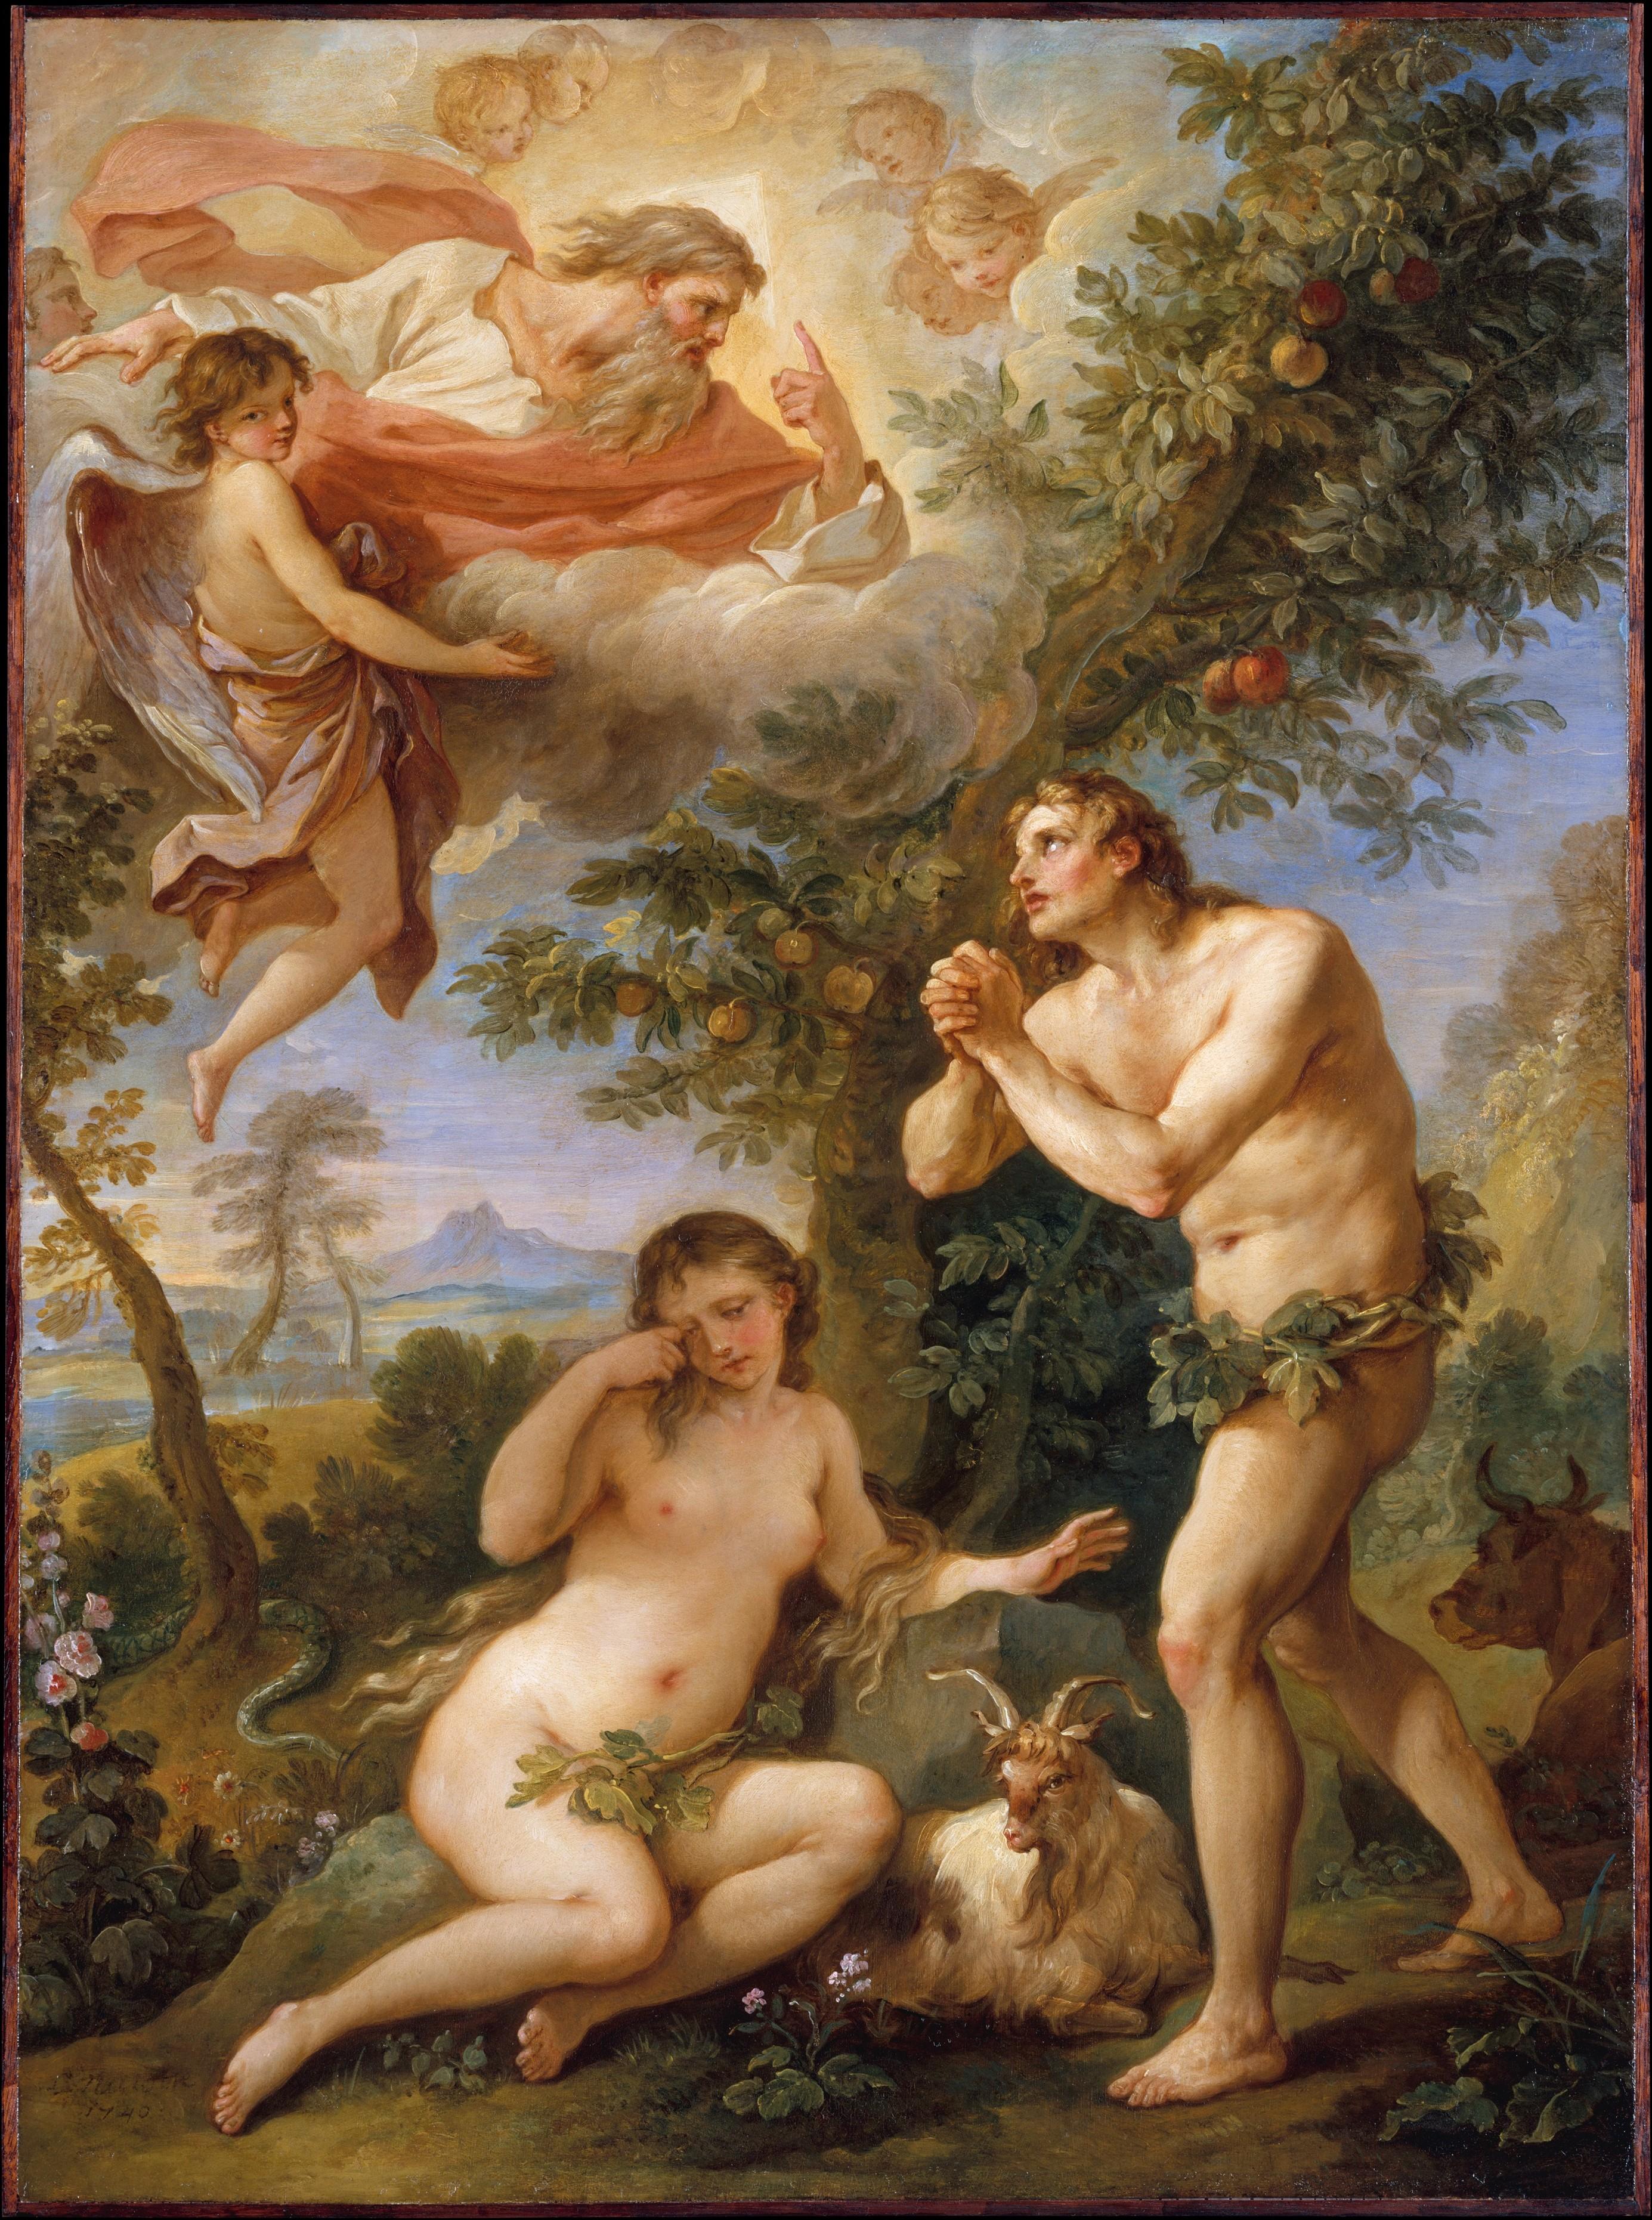 Charles Joseph Natoire, The Rebuke of Adam and Eve, 1740.